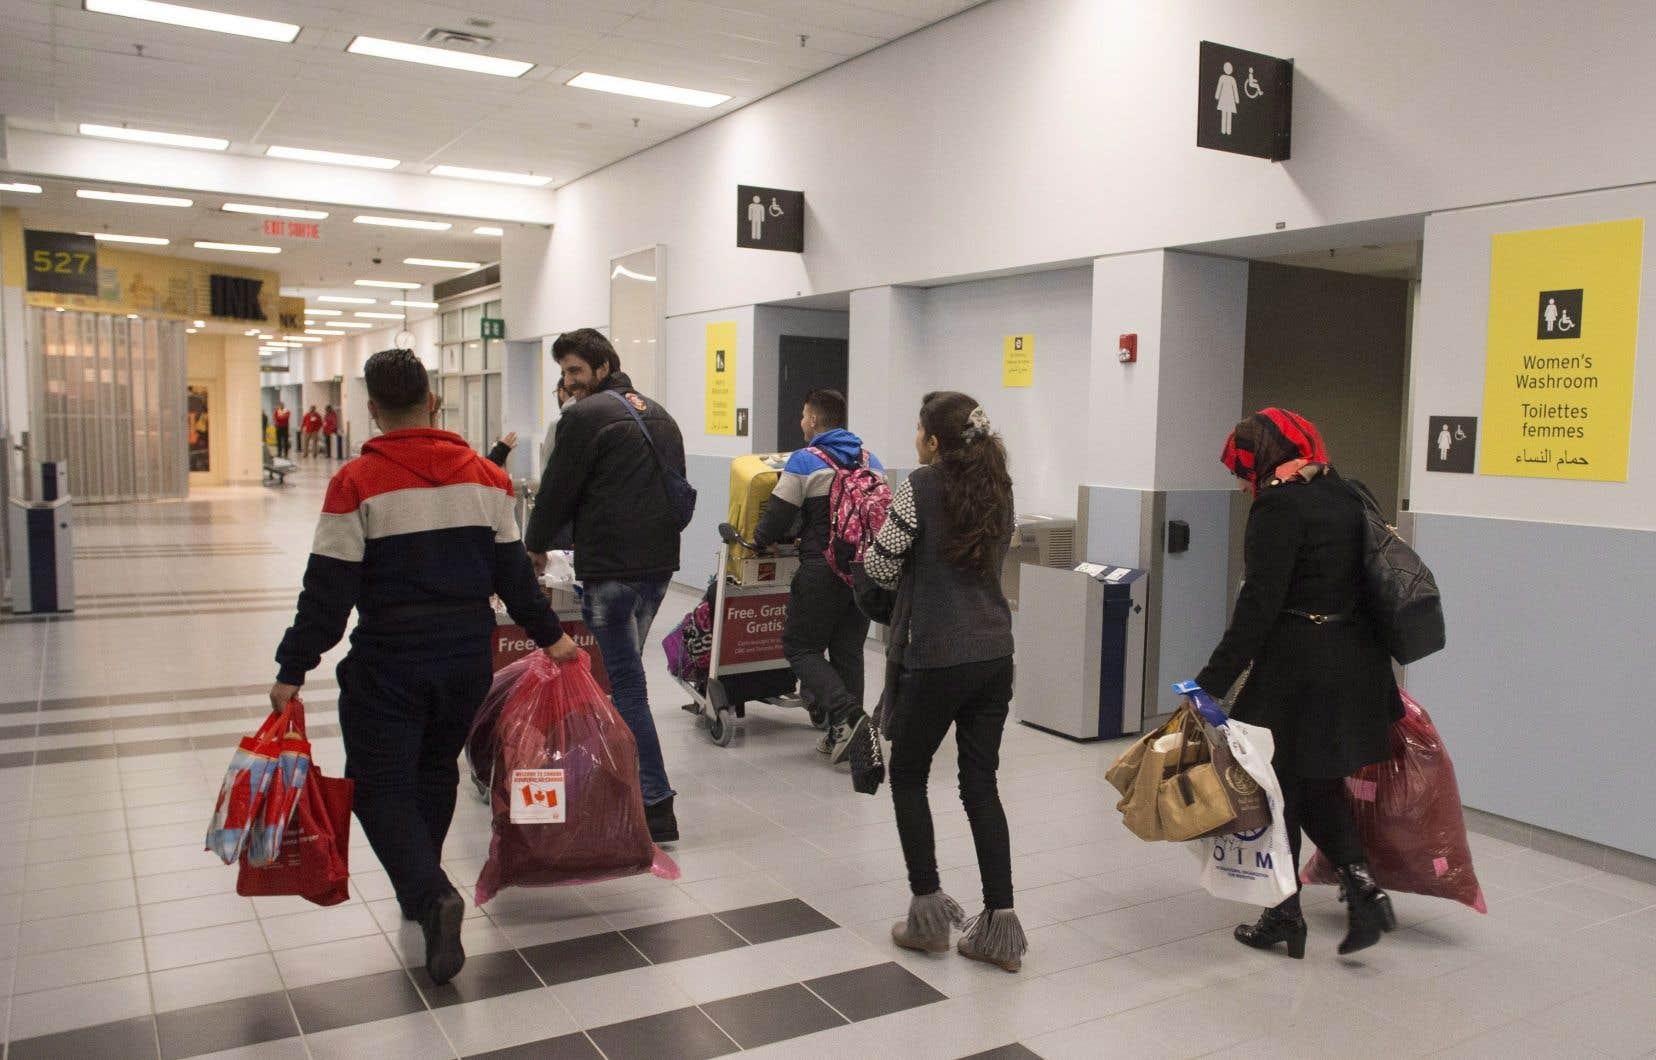 Une famille de réfugiés syriens arrive à l'aéroport de Toronto en décembre 2015.